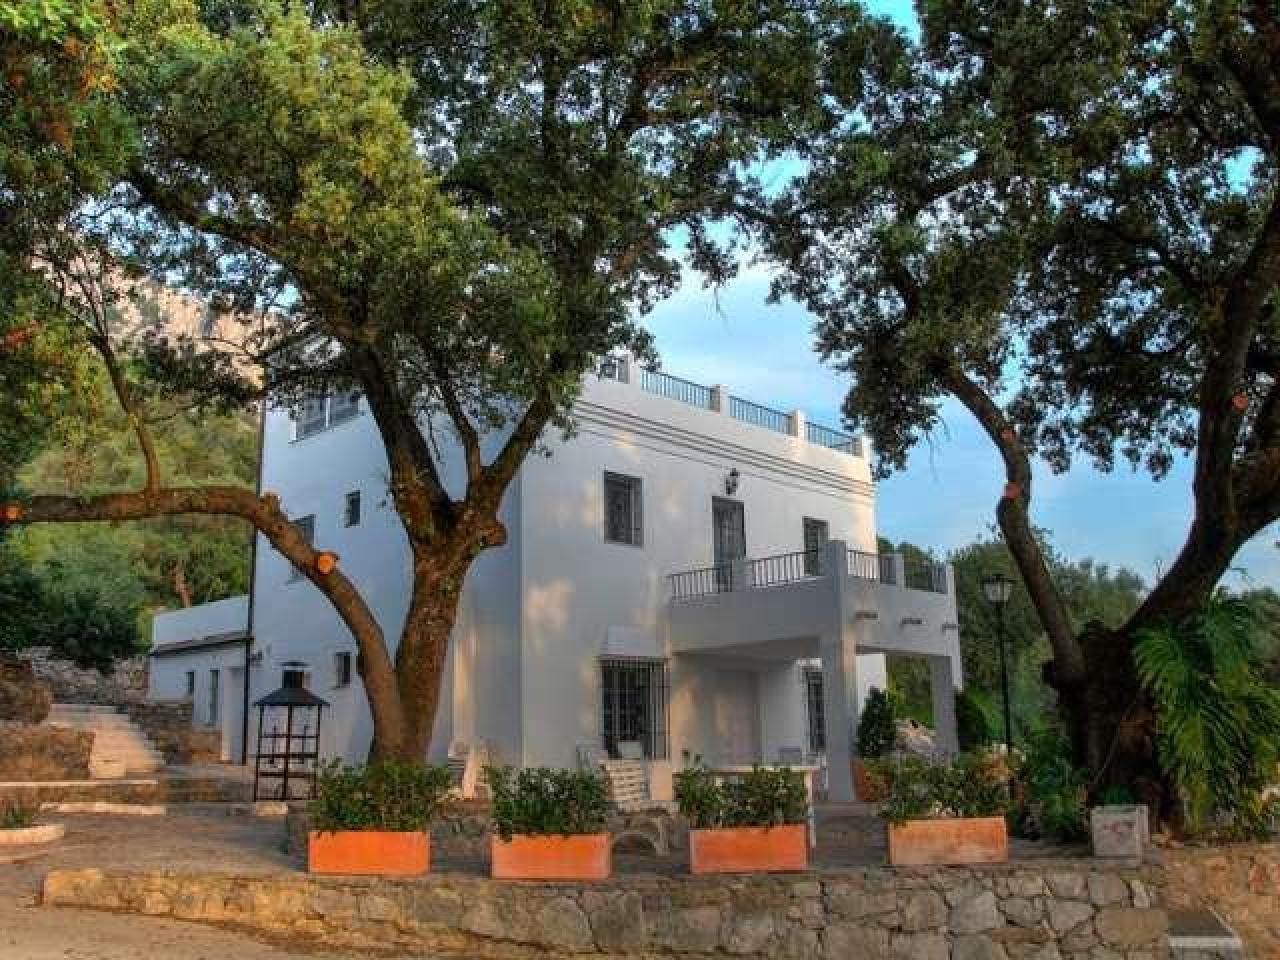 Habitaciones en alquiler Ubrique, Cádiz